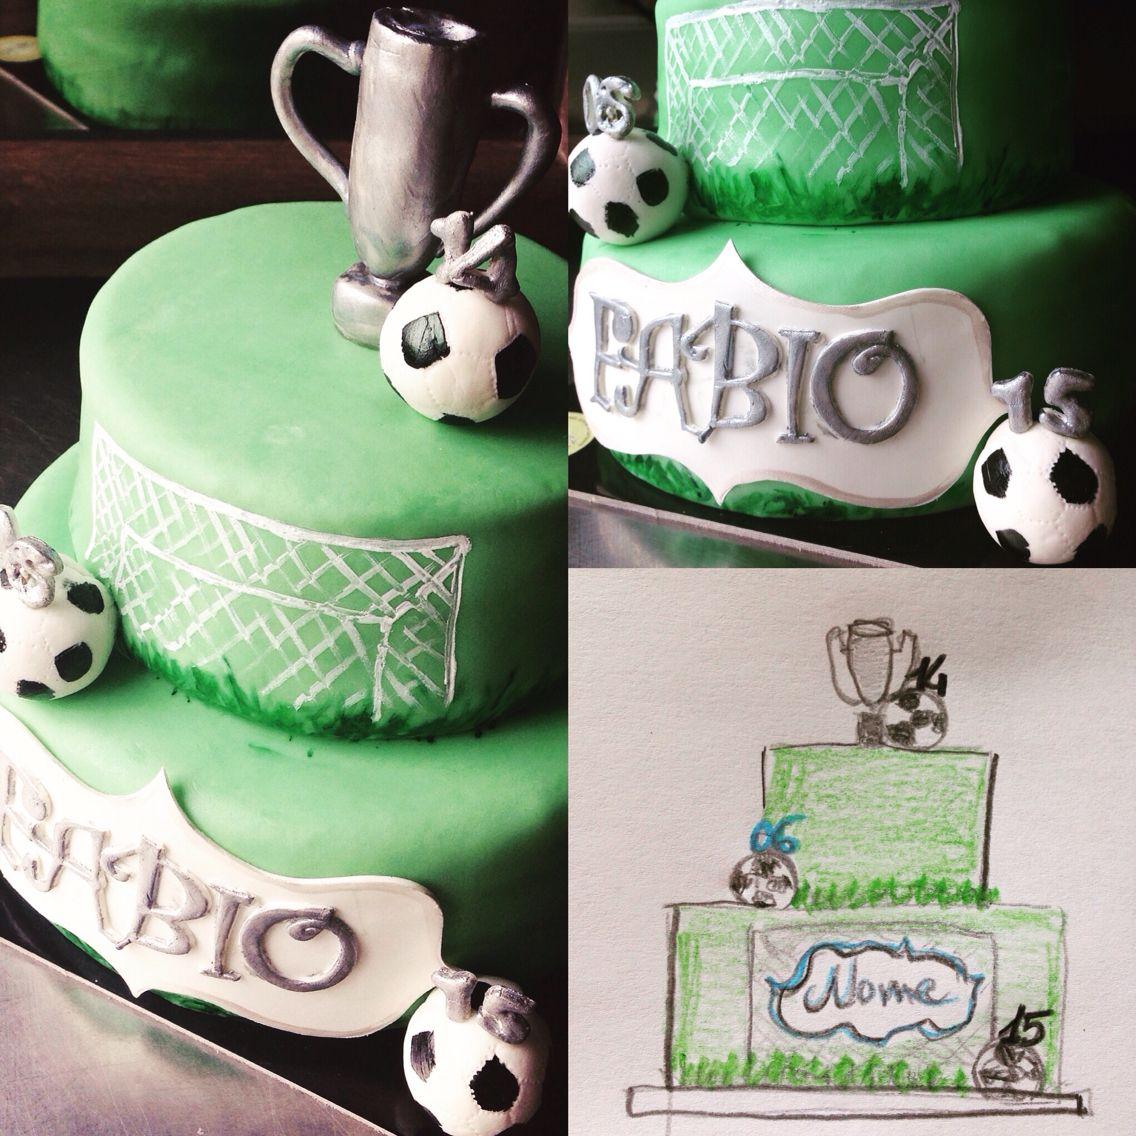 #footballcake #cresima